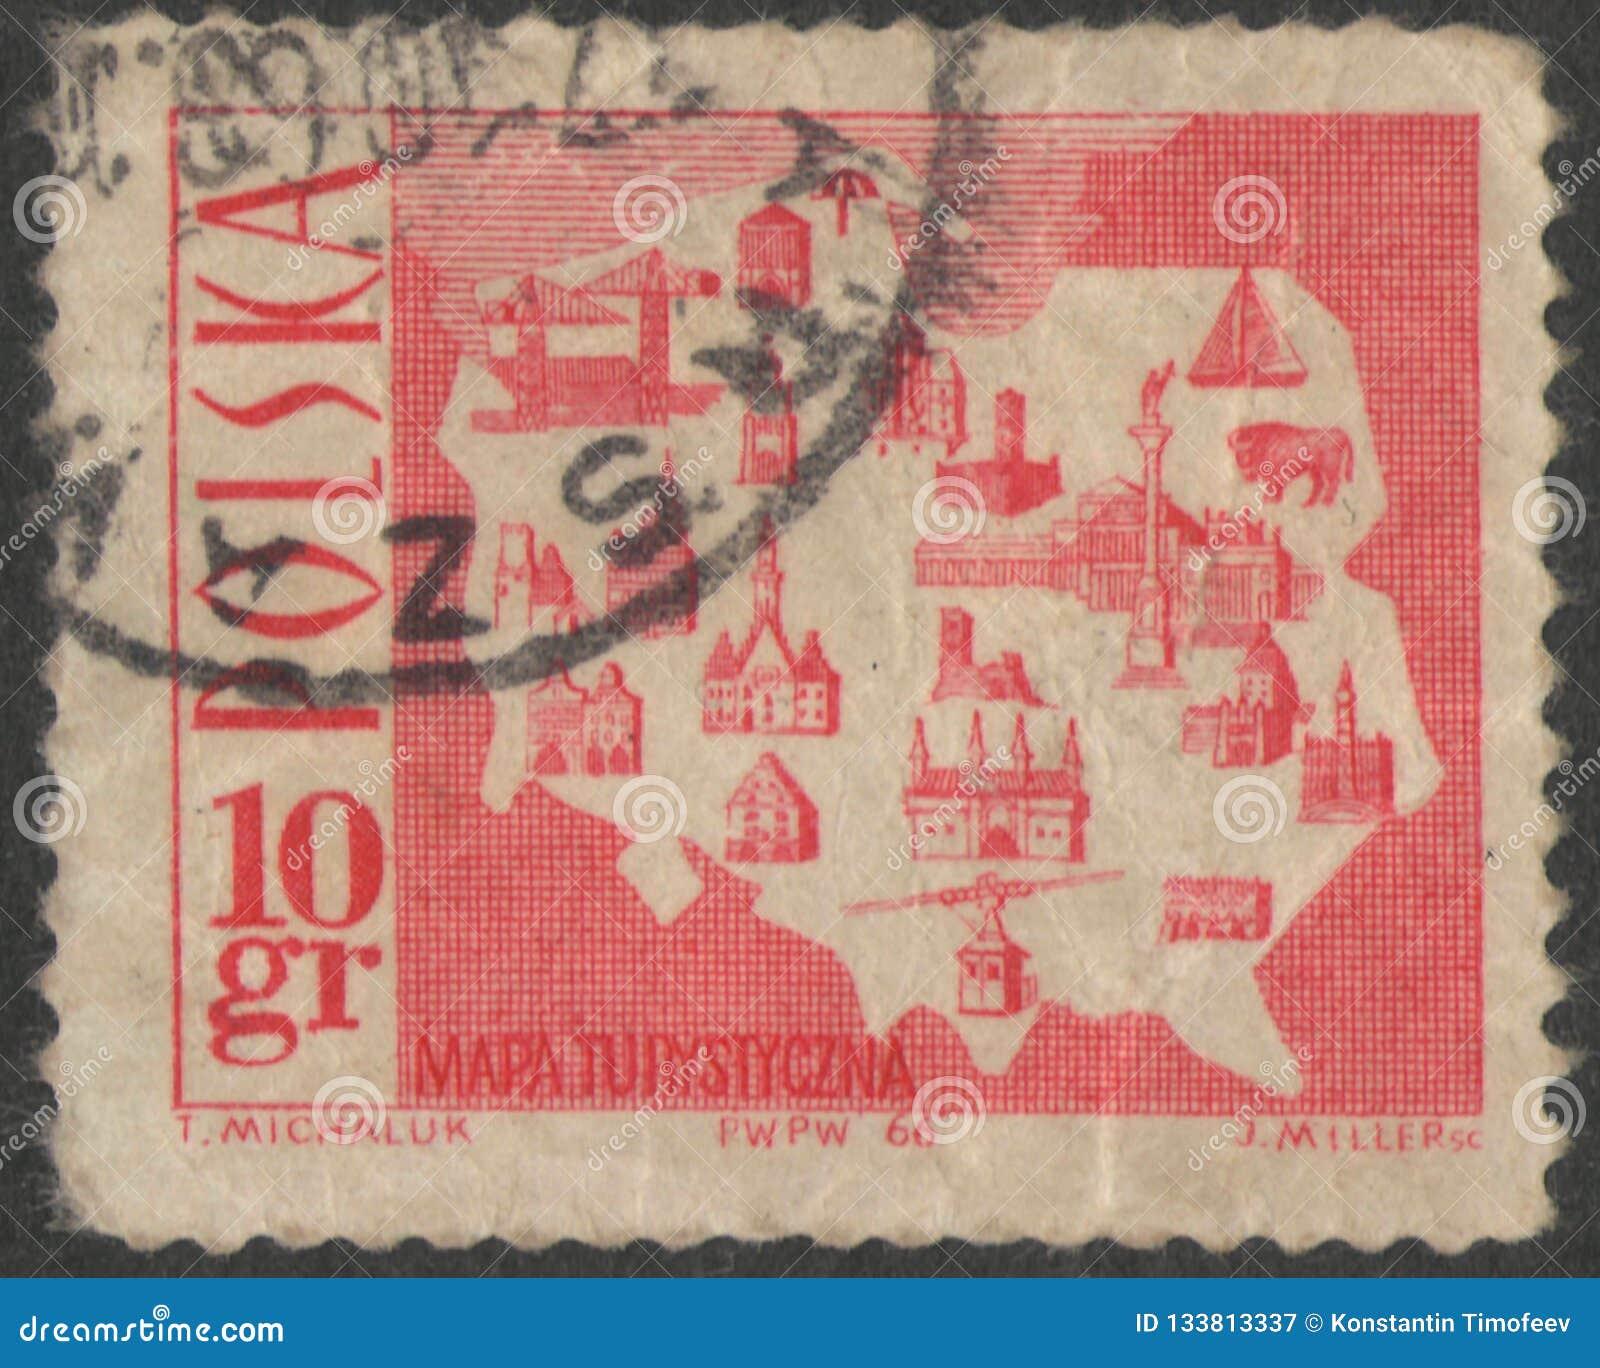 Санкт-Петербург, Россия - 27-ое ноября 2018: Печать почтового сбора напечатанная в Польше с изображением туристской карты, около